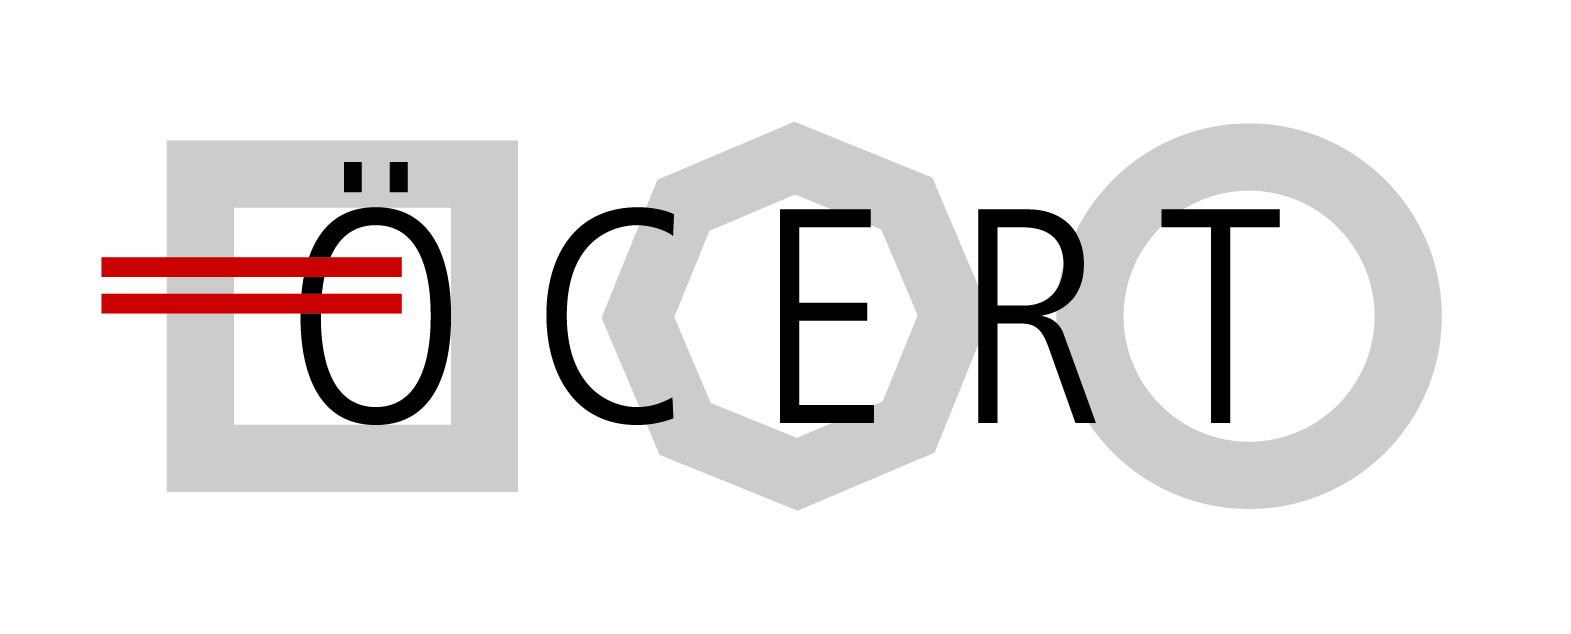 Ausgezeichnet: eLAC Academy erhält Qualitätszertifizierung von Ö-Cert